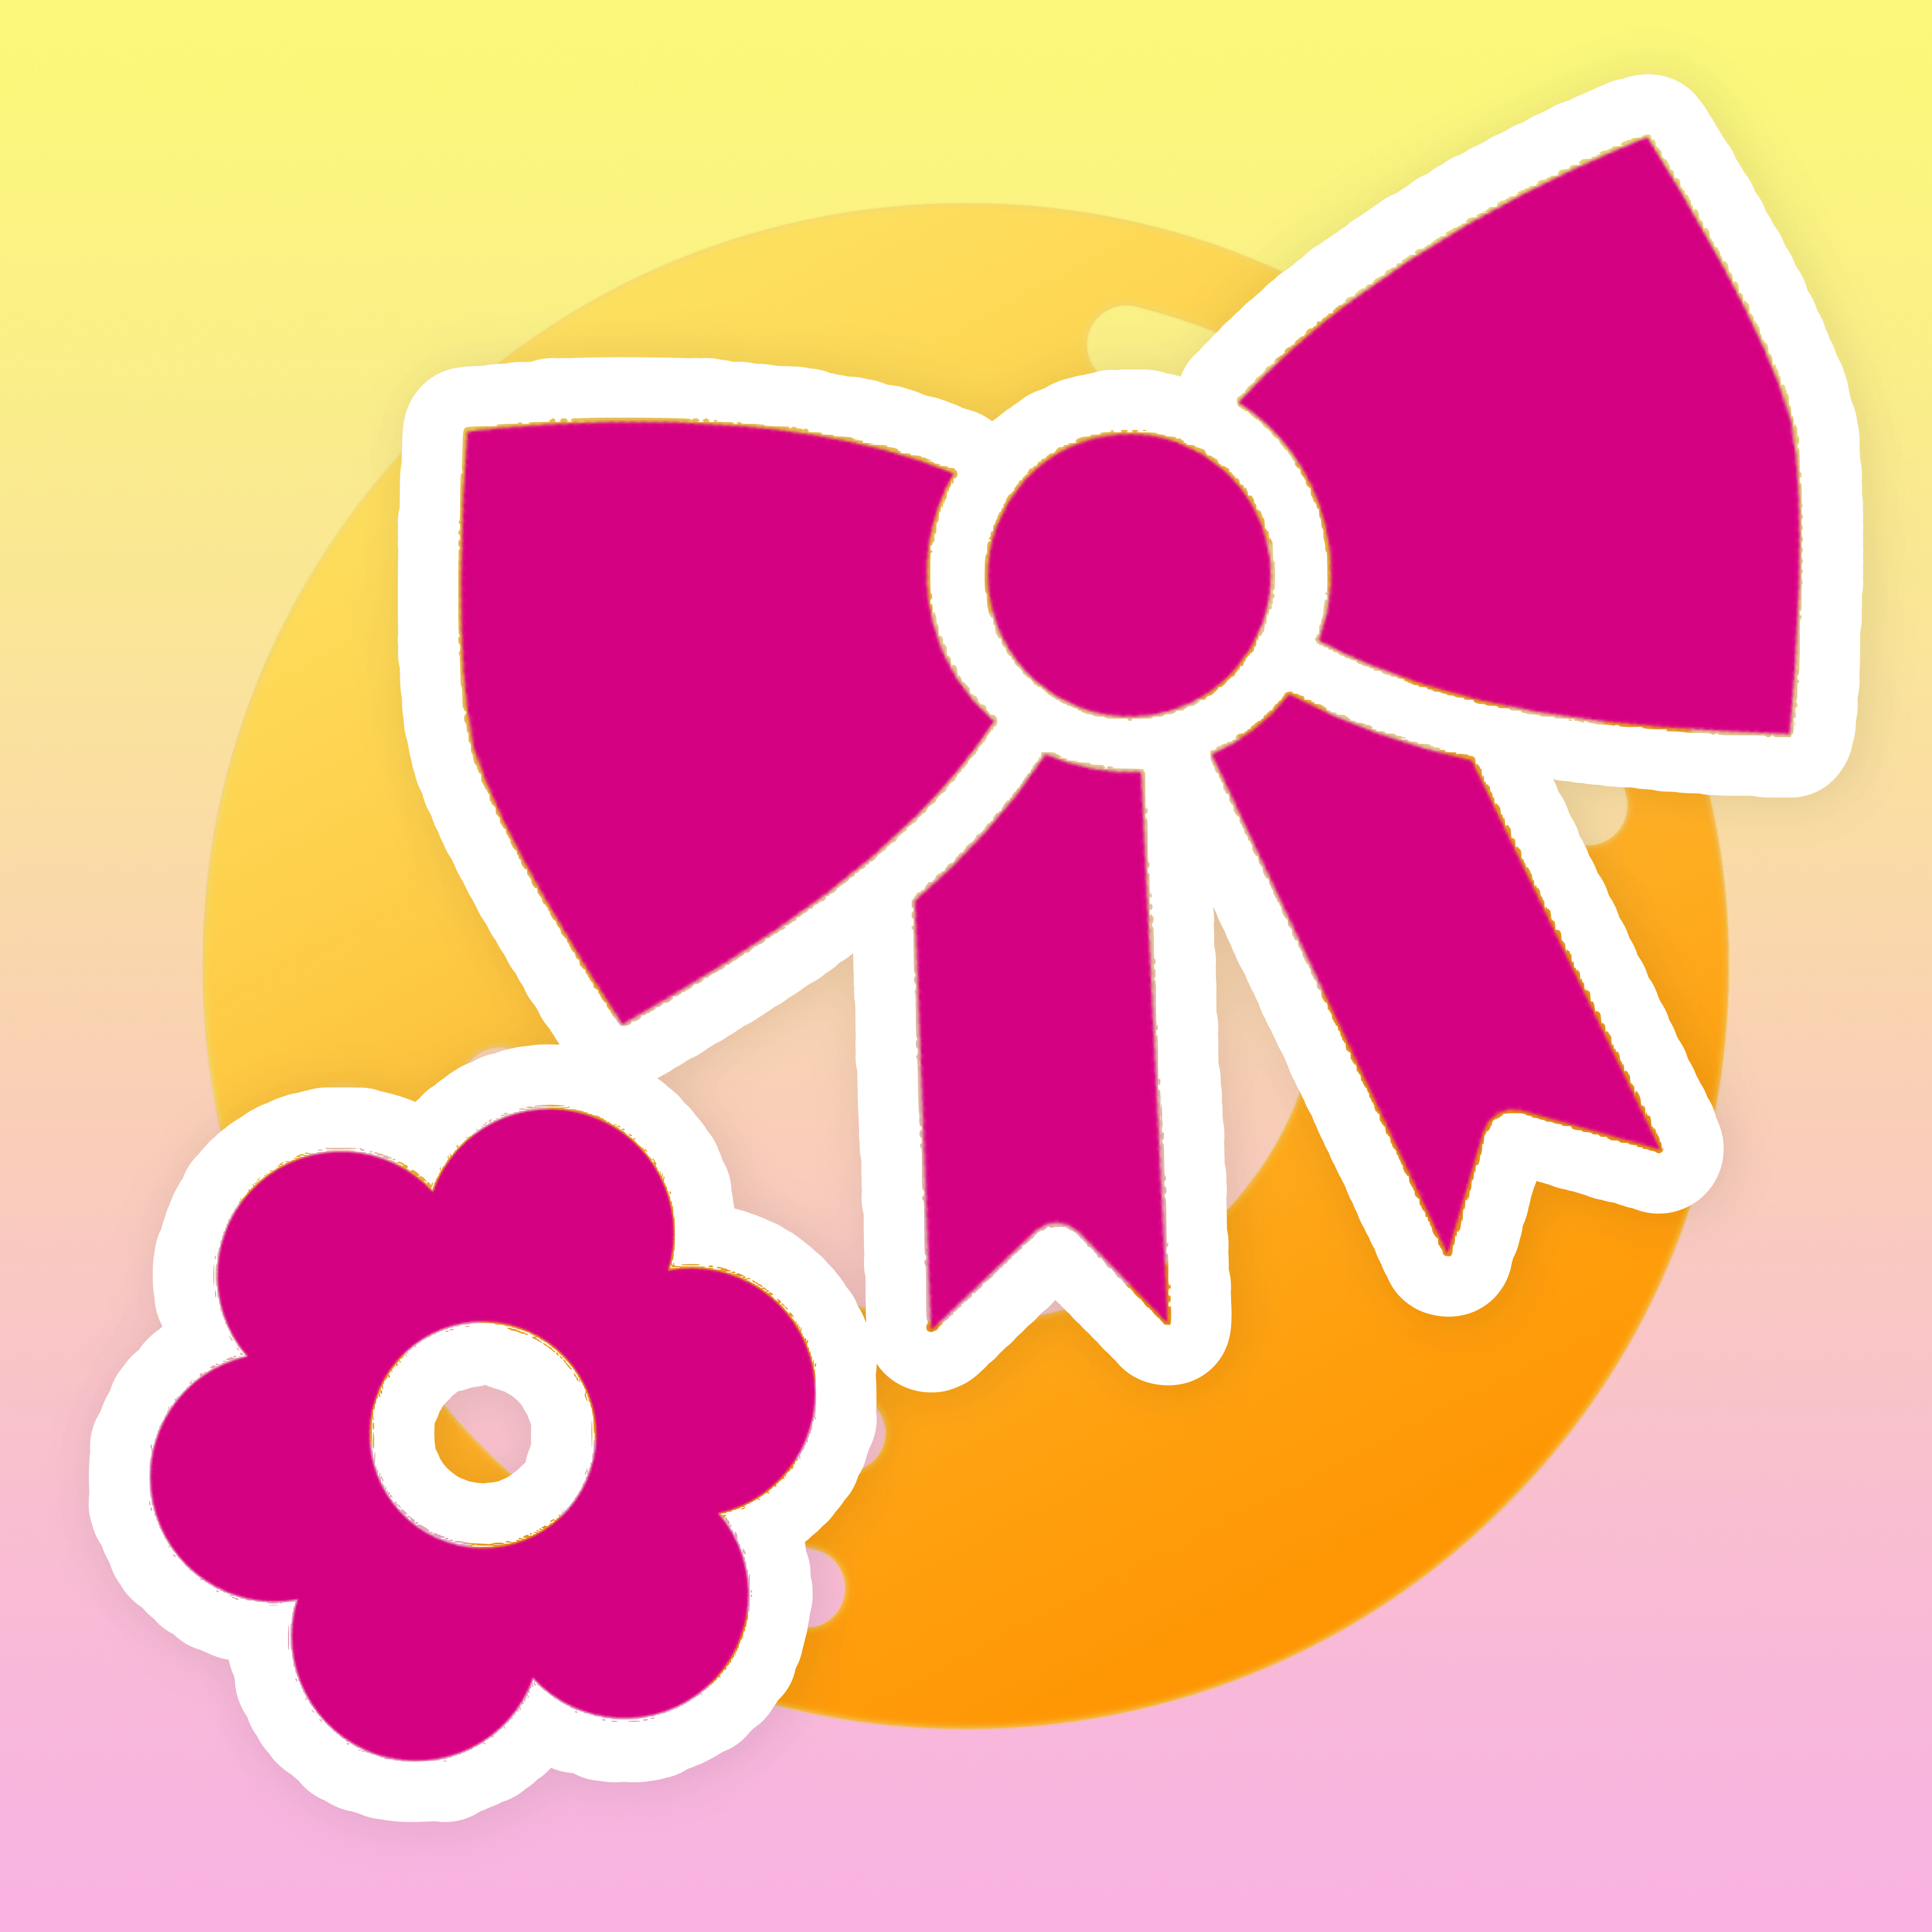 Senkro avatar